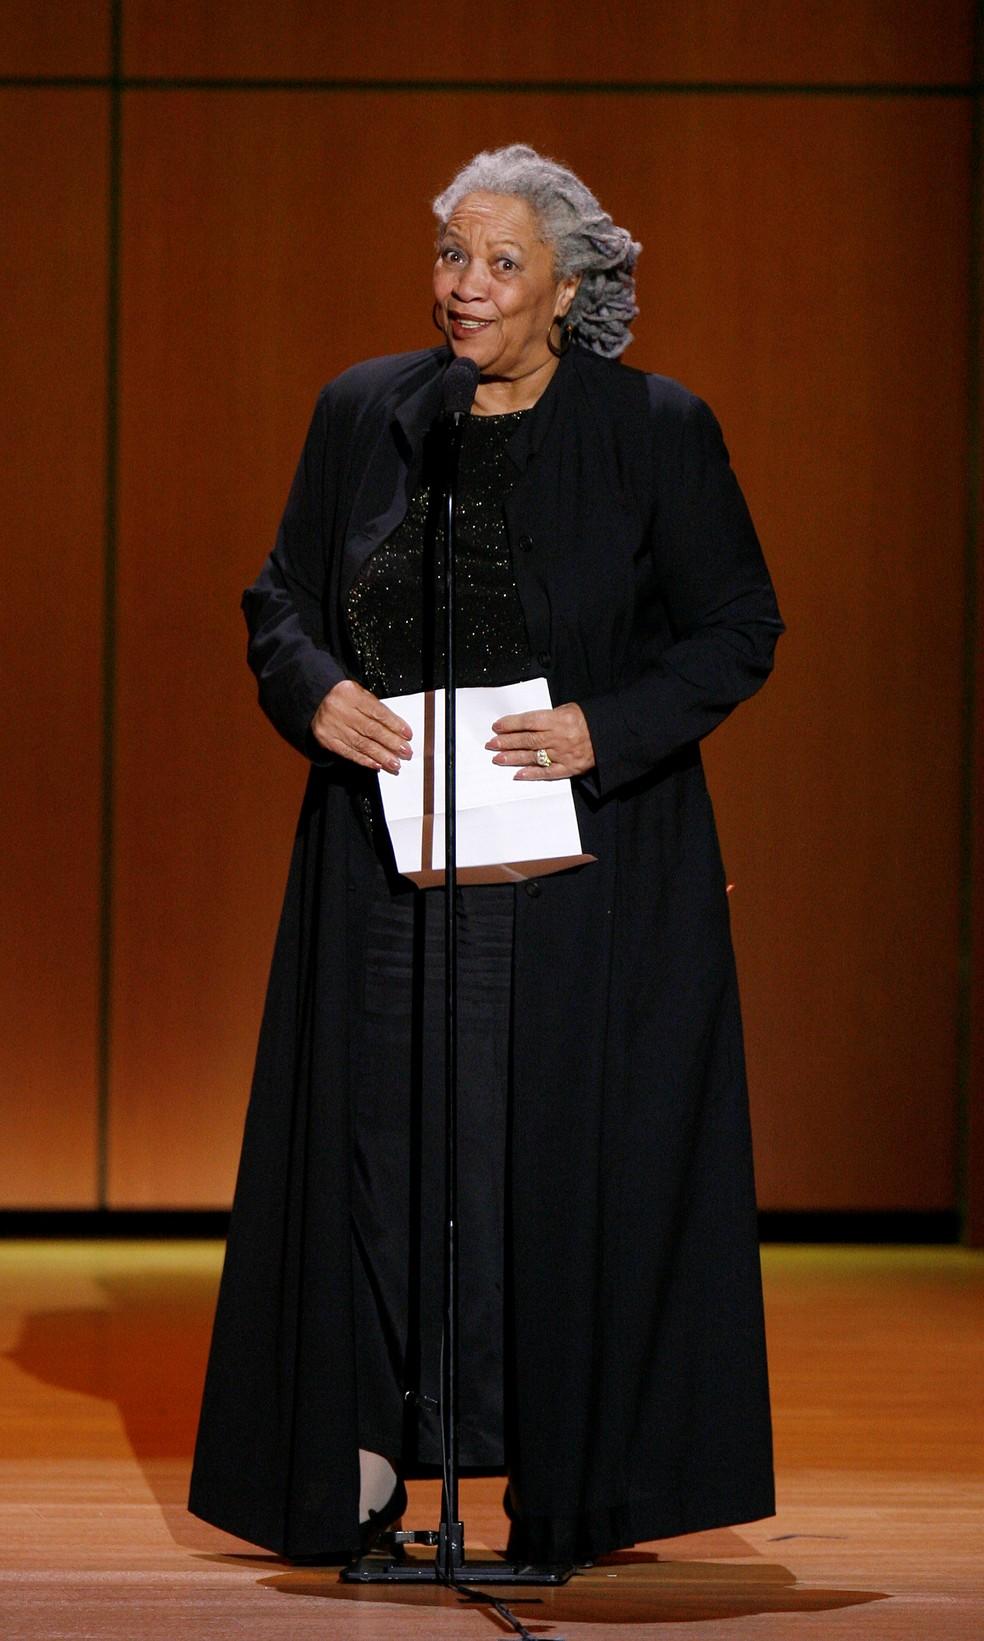 Em 2007, Toni Morrison recebe o prêmio de Mulher do Ano pela revista Glamour, em Nova York  — Foto: REUTERS/Lucas Jackson/Arquivo